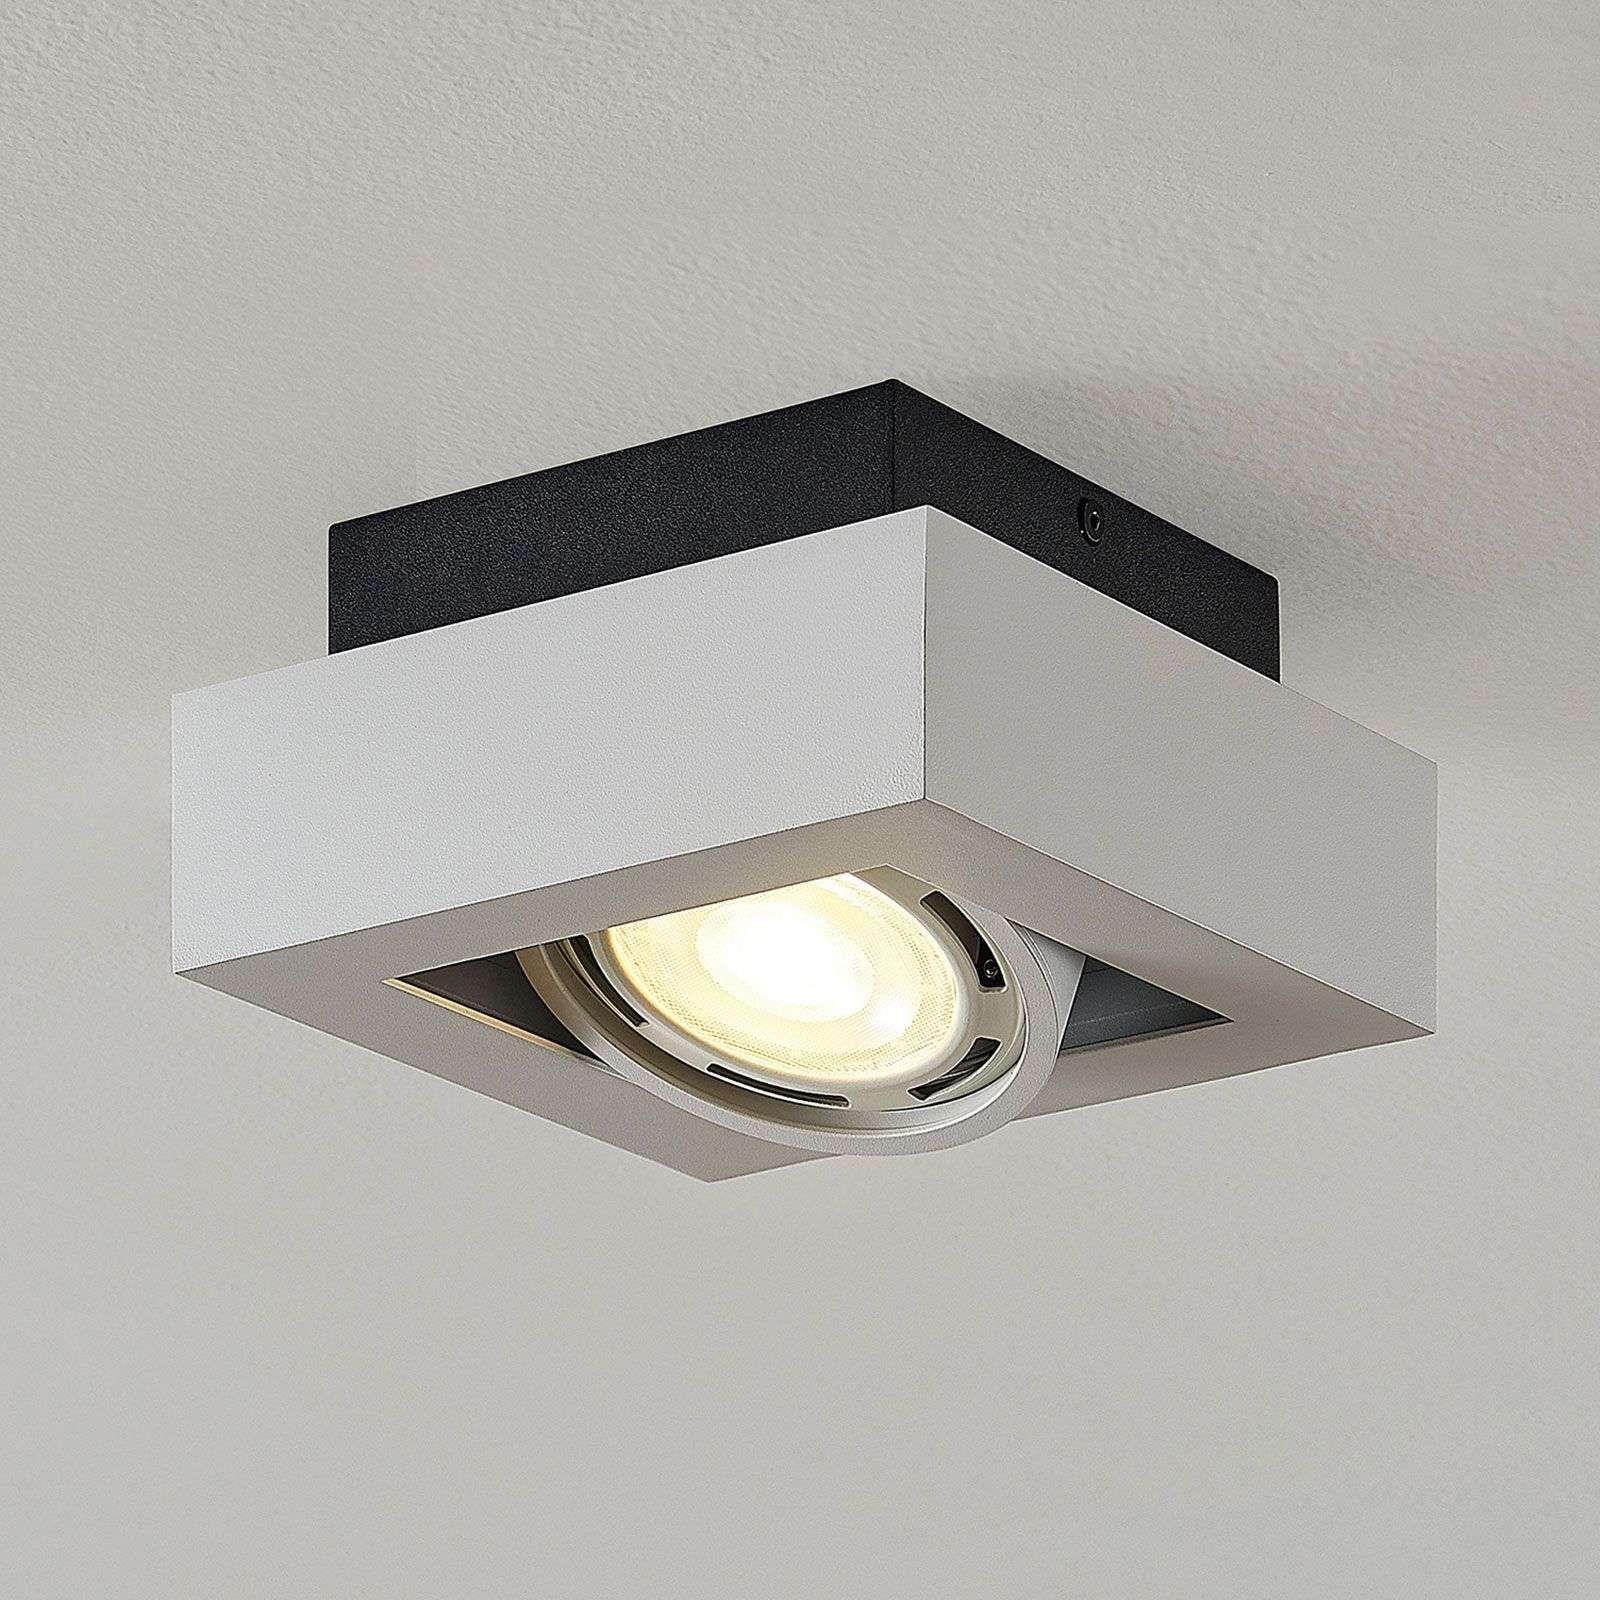 Led Plafondspot Ronka Gu10 Met Een Lampje Wit In 2020 Led Deckenstrahler Deckenstrahler Led Strahler